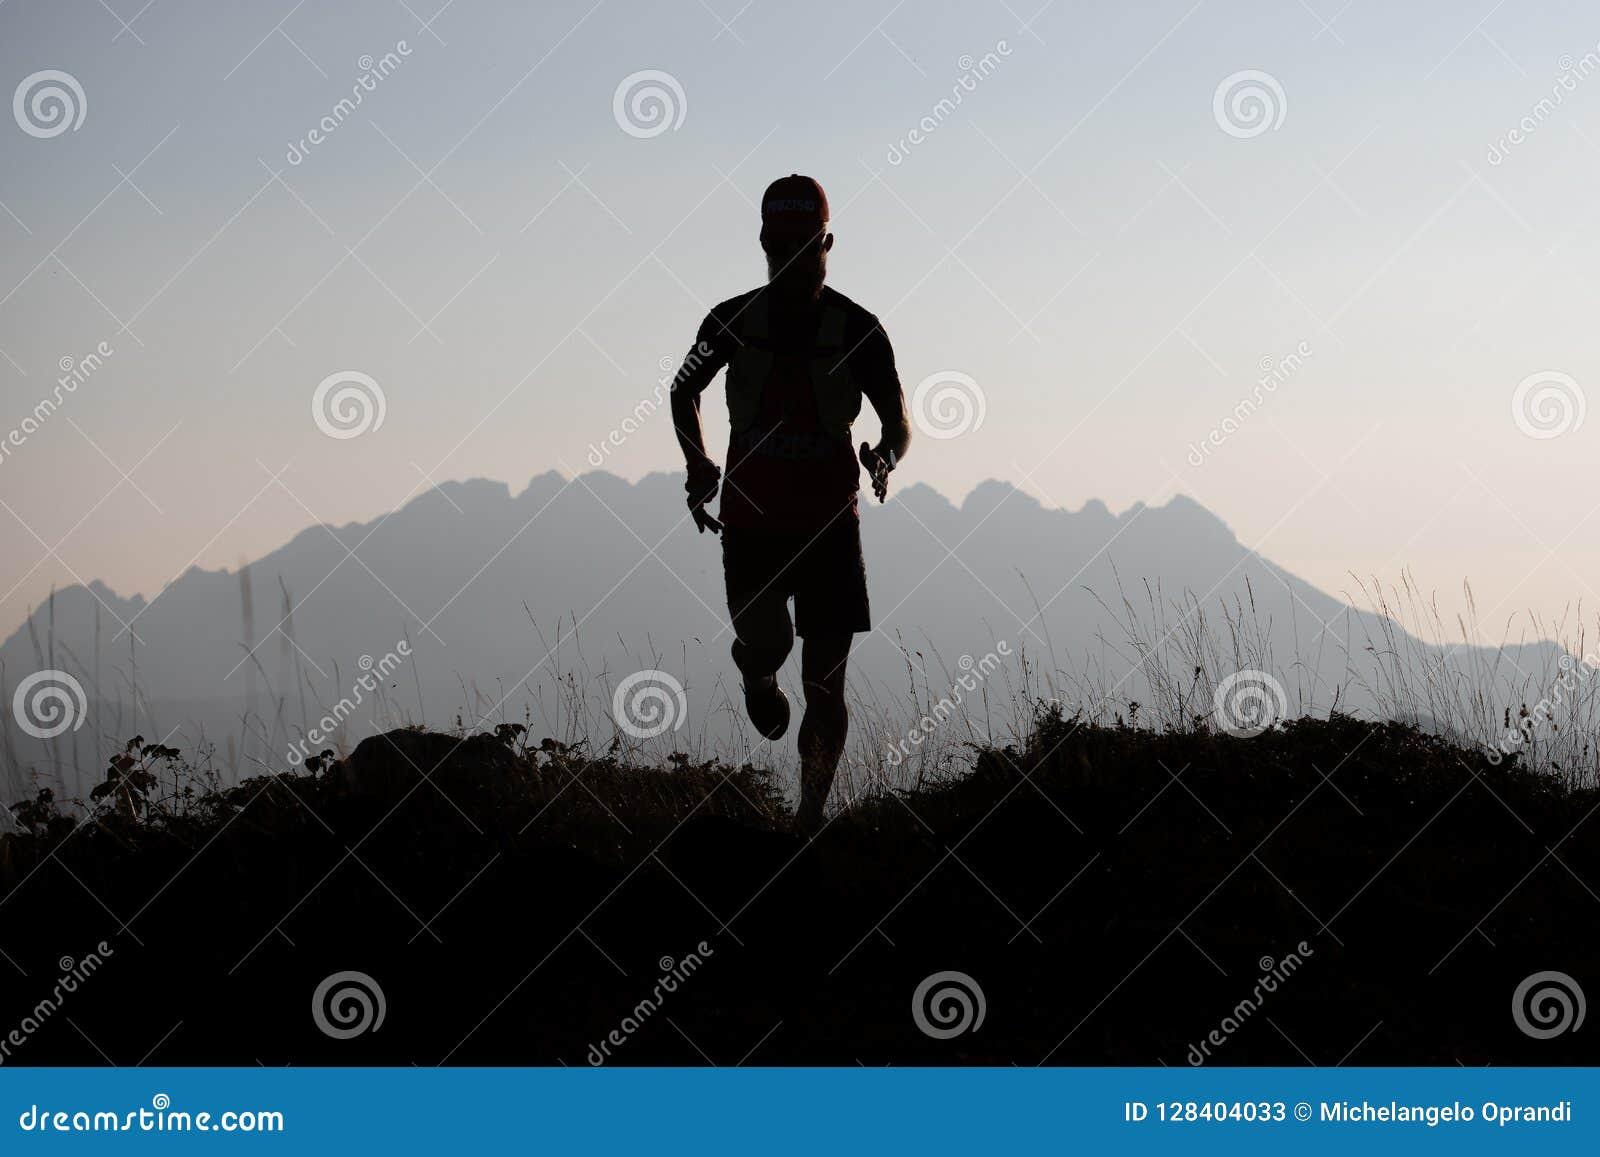 Coureur de montagne en silhouette dans un paysage suggestif